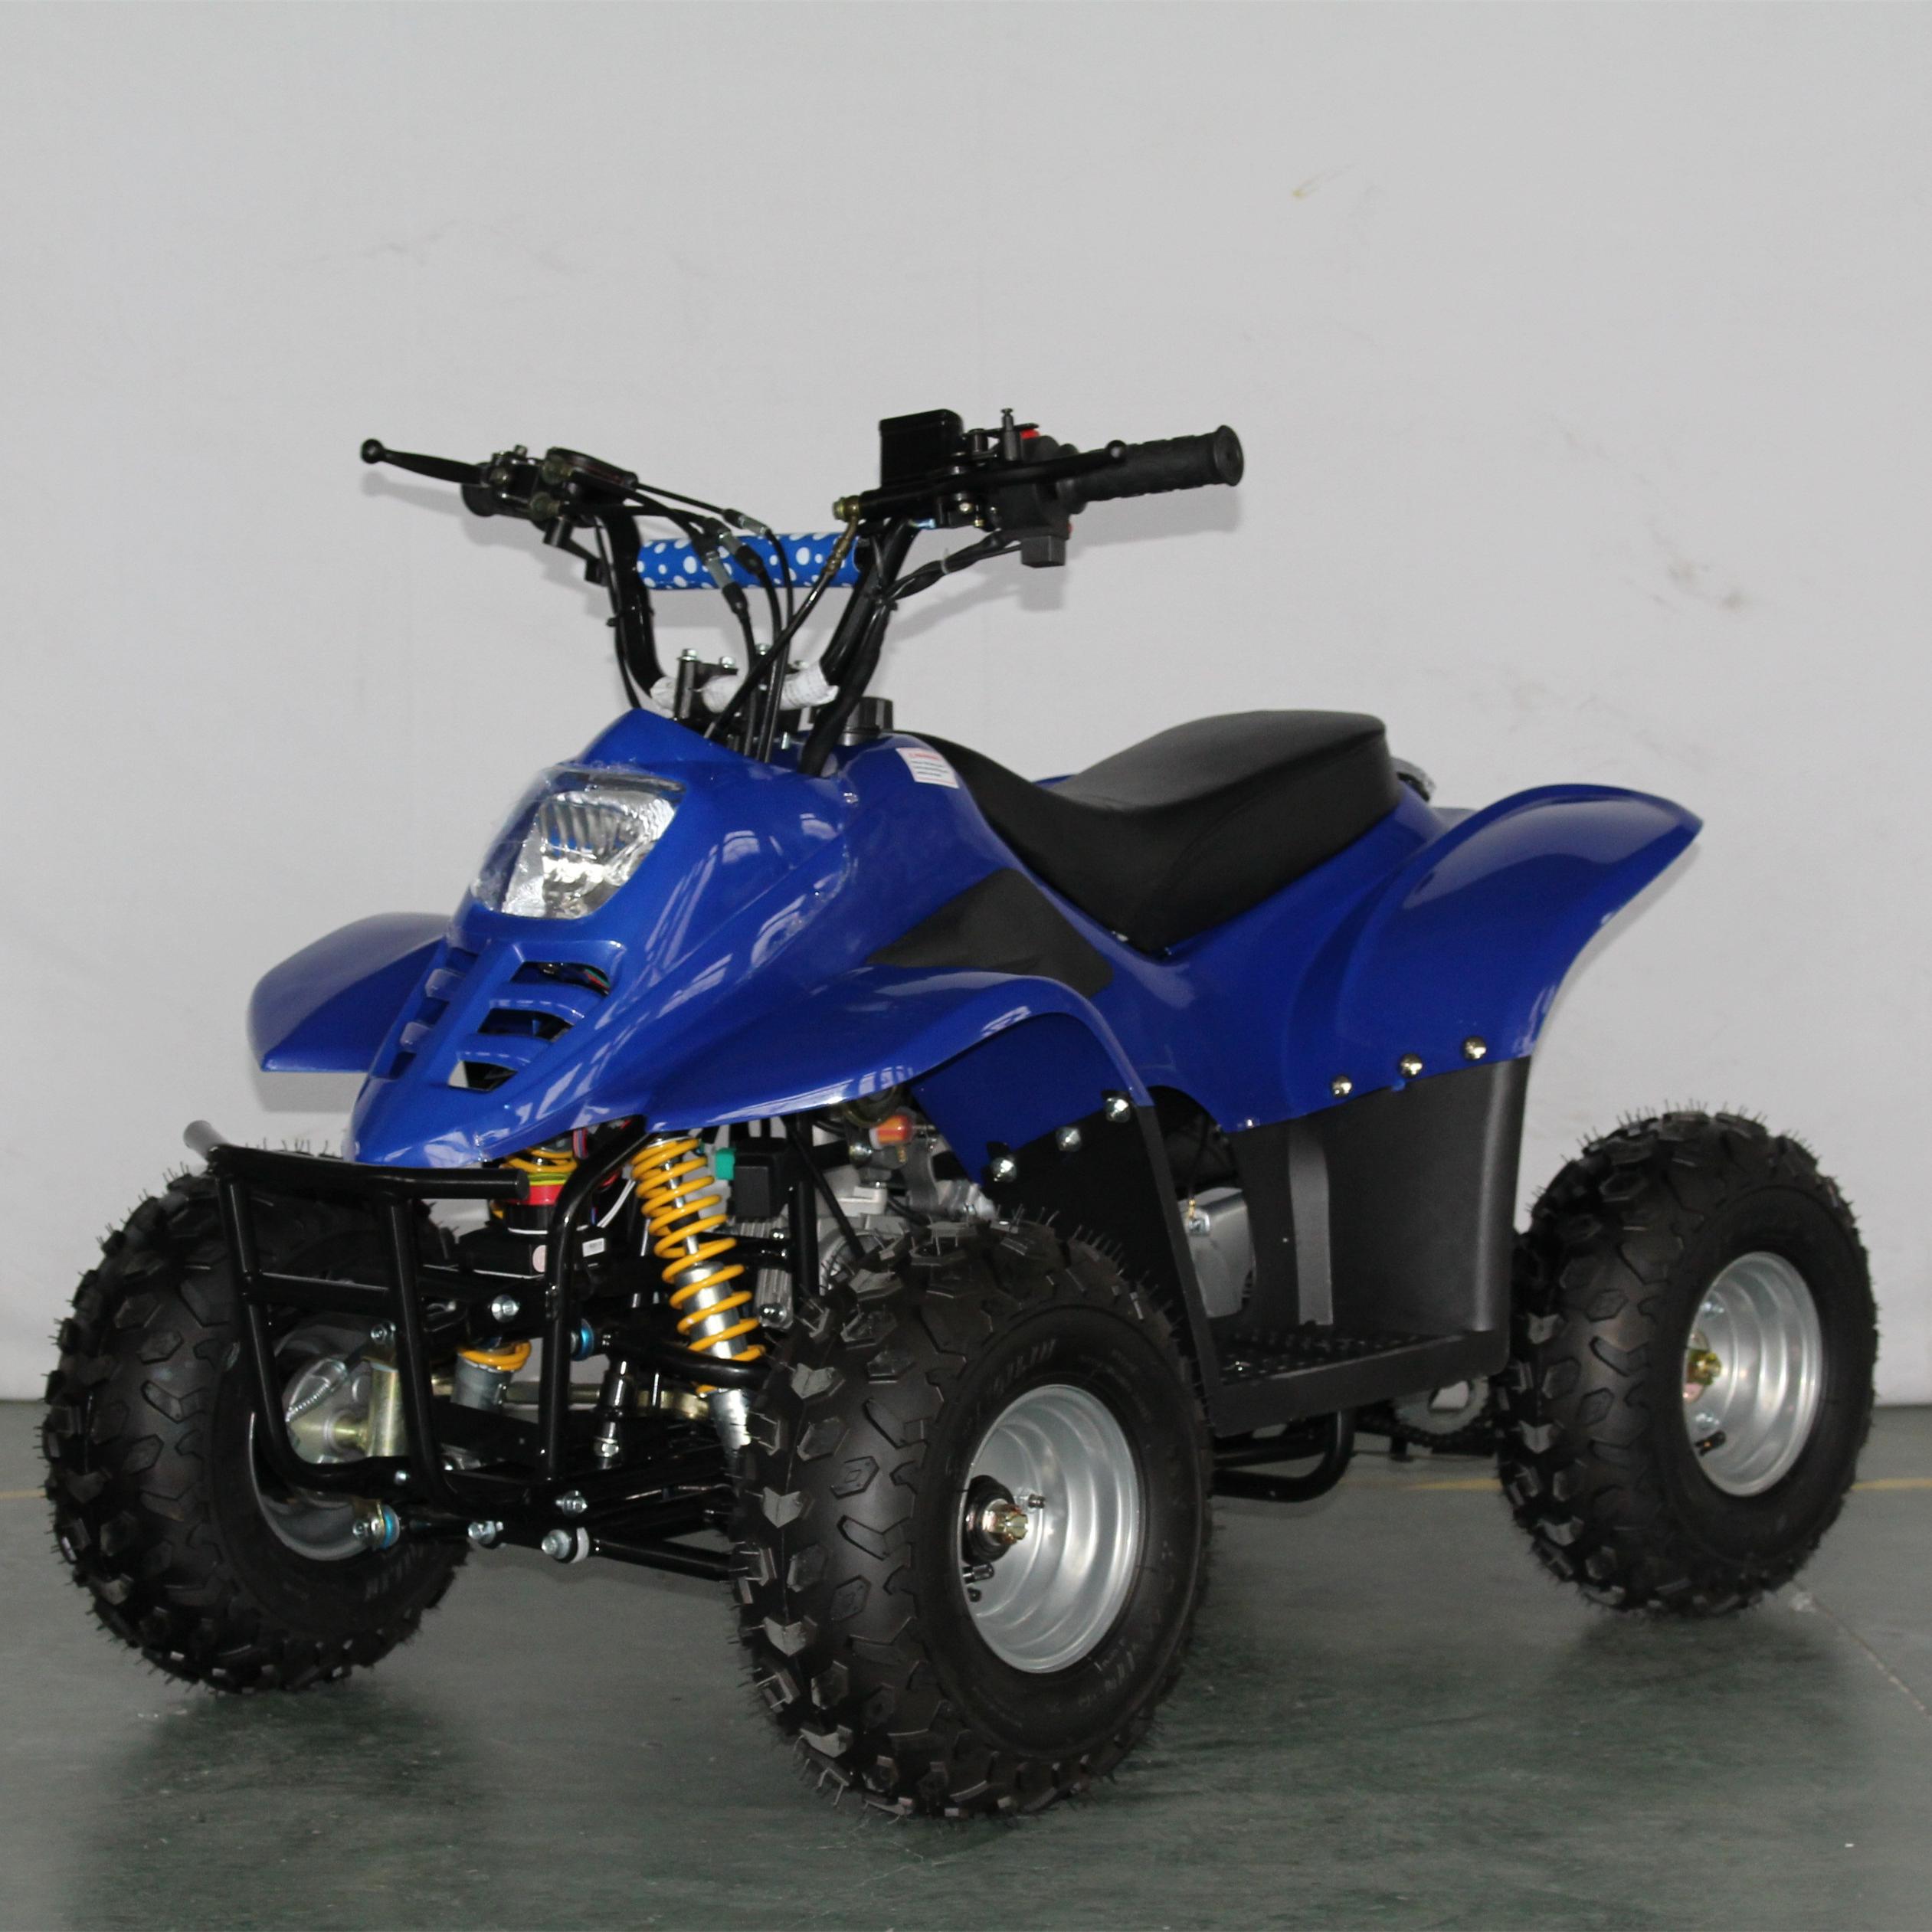 56 HISUN ATV UTV Parts Throttle Cable HS500 HS700 HS800